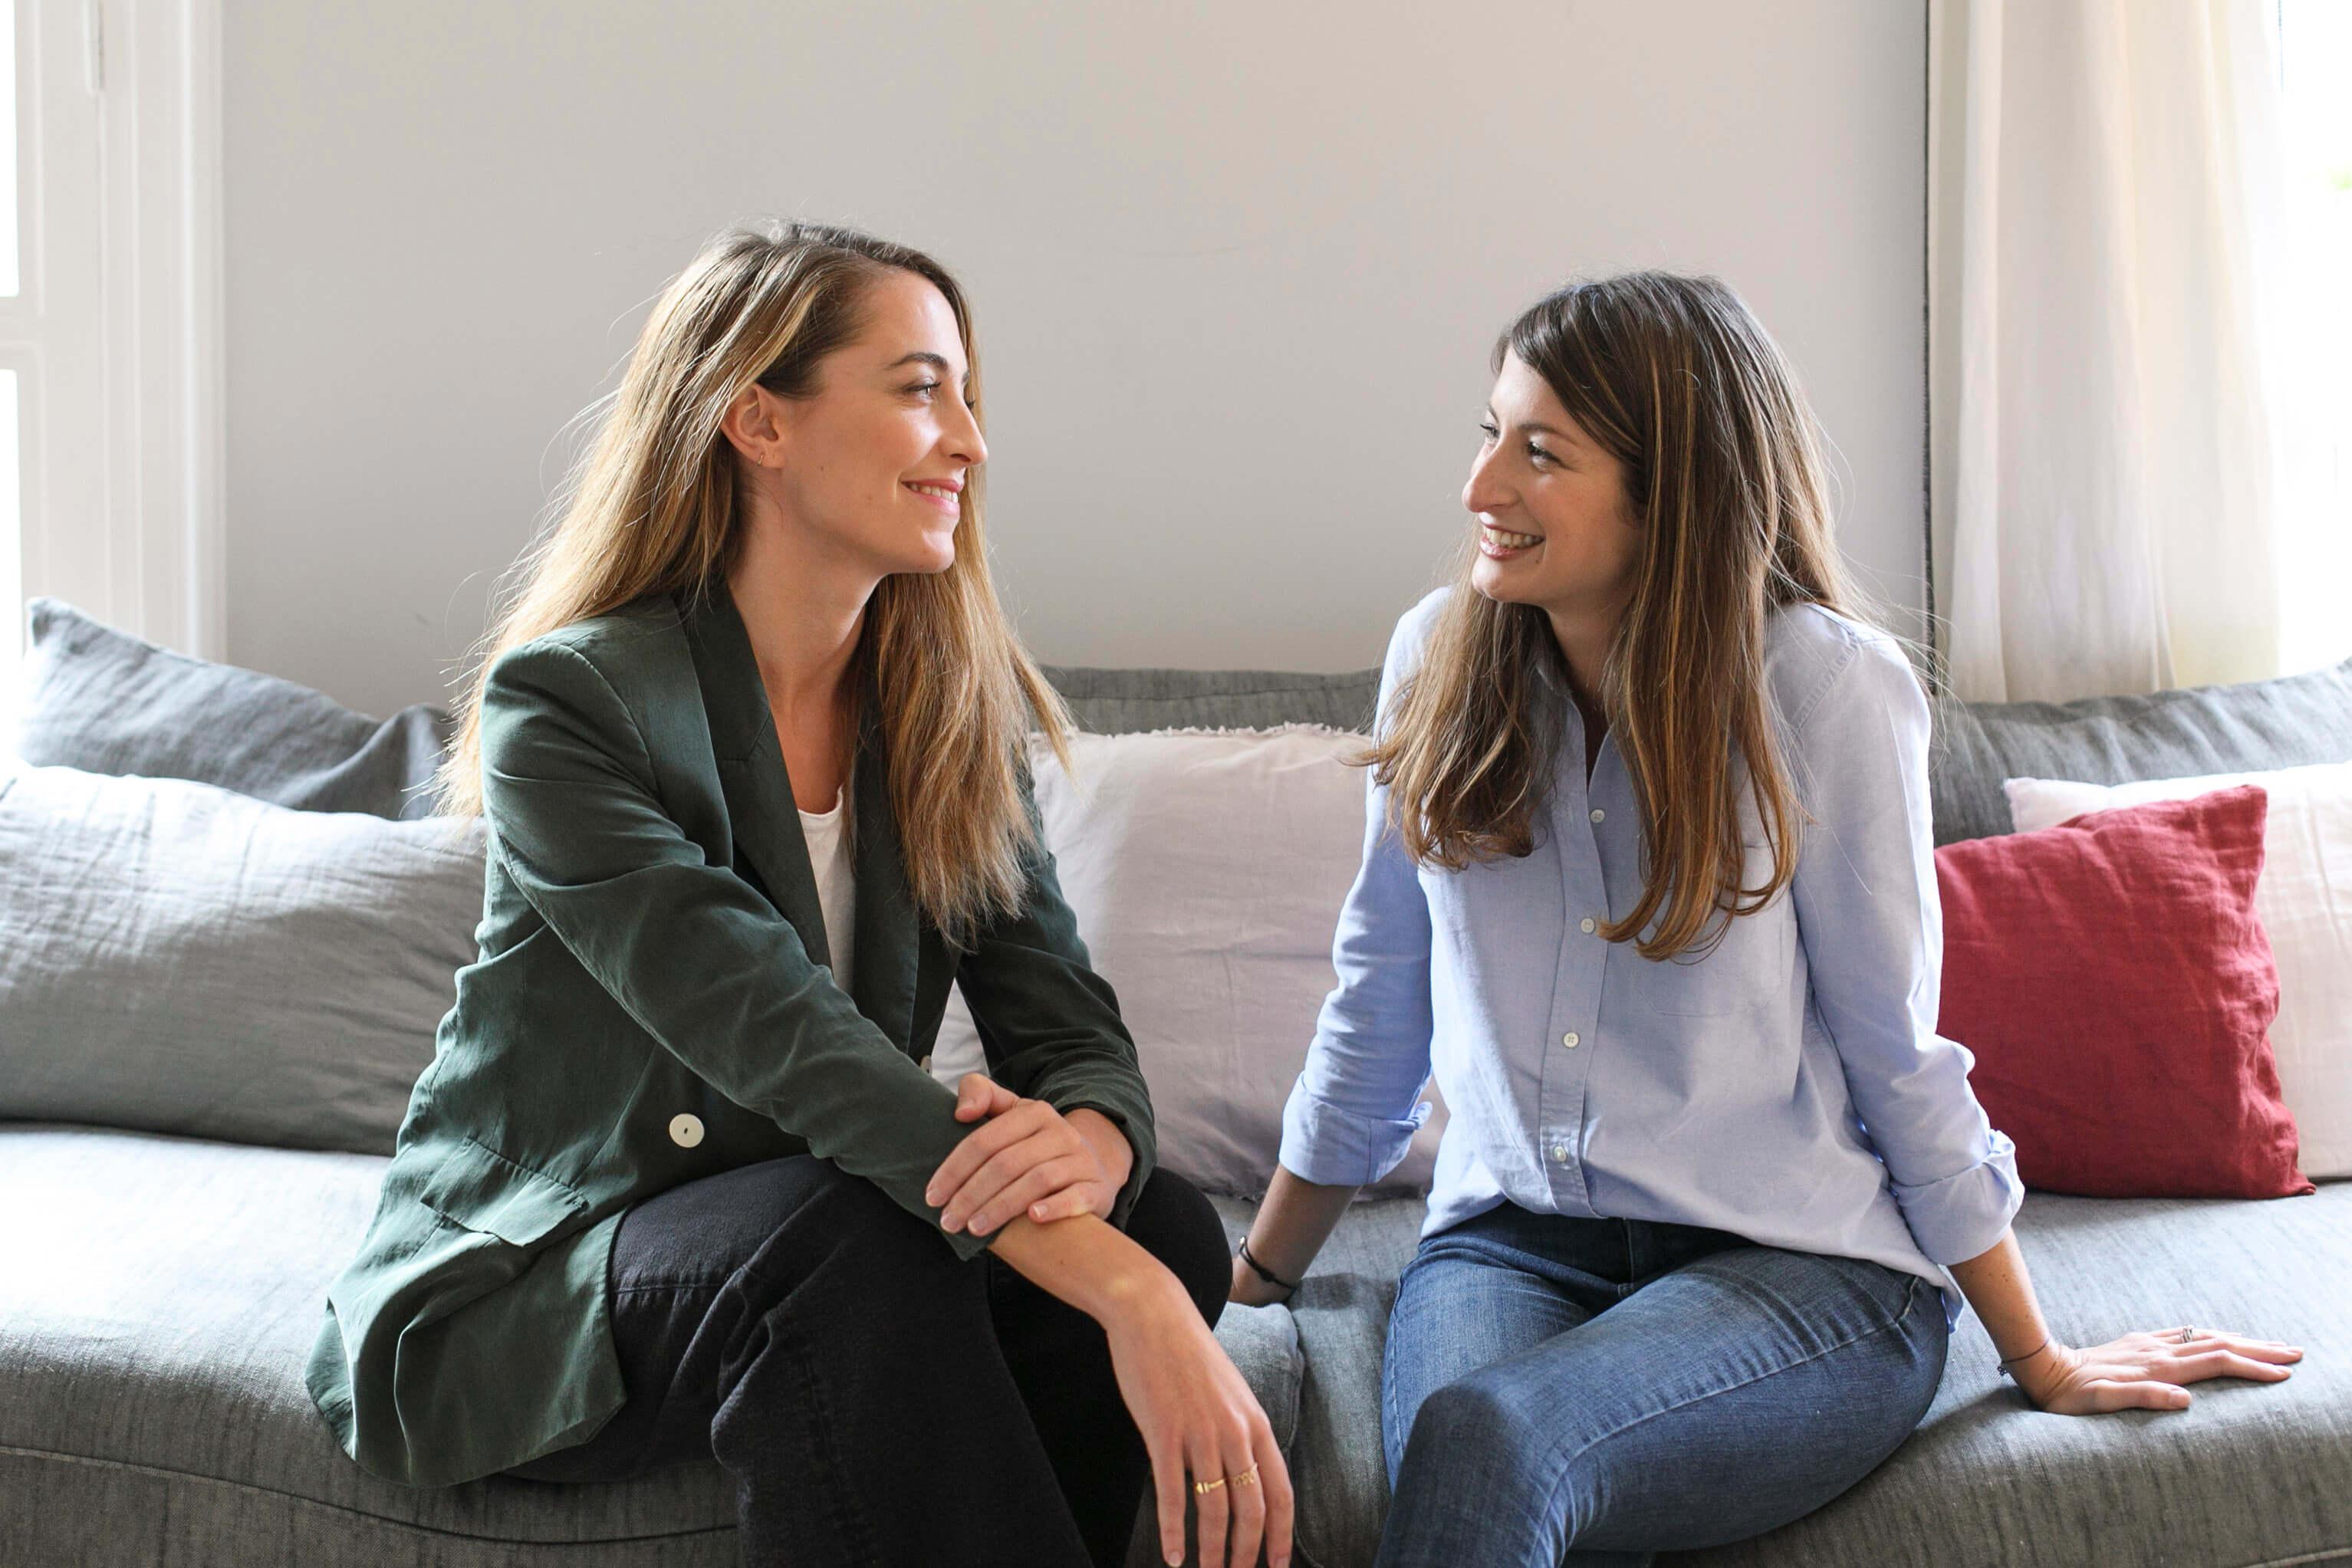 Camille & Laetitia, Co-fondatrices de la startup Cokpit assises, se regardent